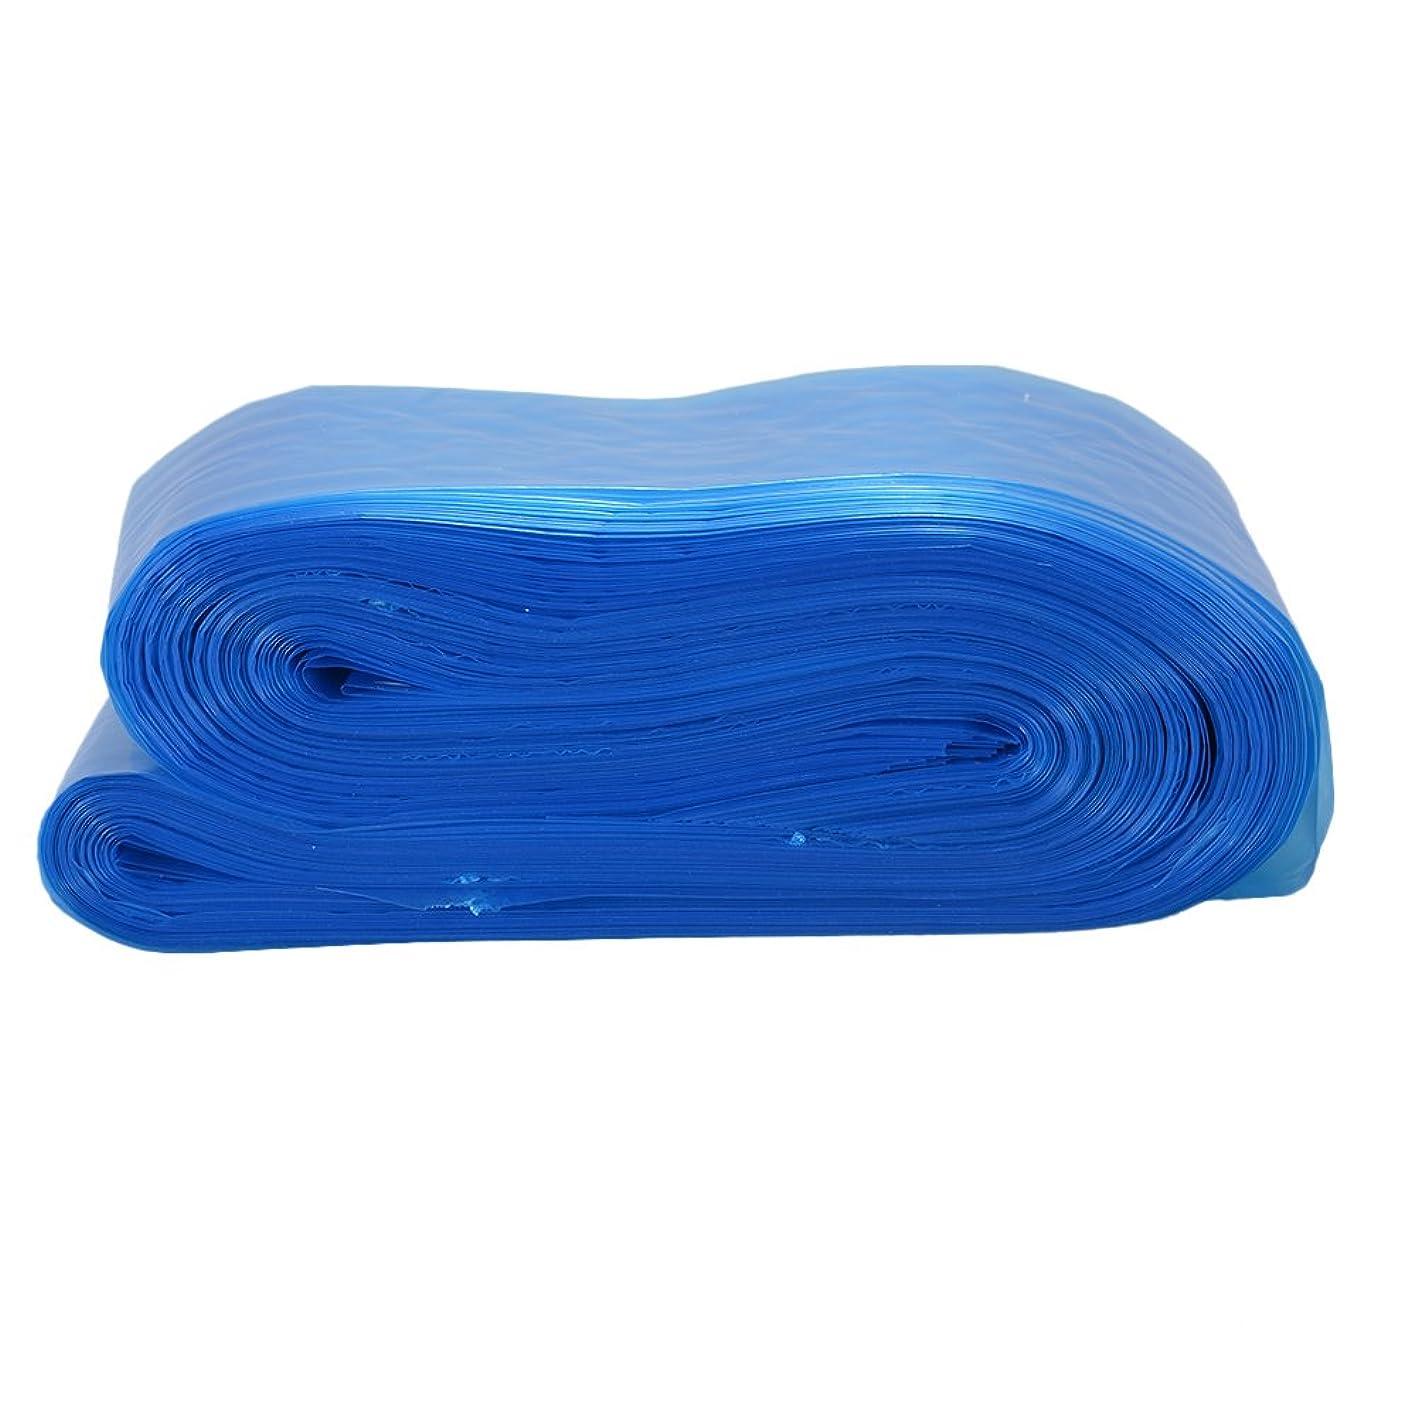 ドリルもつれ行方不明RaiFu タトゥークリップカバー バッグ タトゥーアクセサリー コード スリーブバッグ タトゥーマシンのため 使い捨て プロフェッショナル ブルー 100PCS/パック